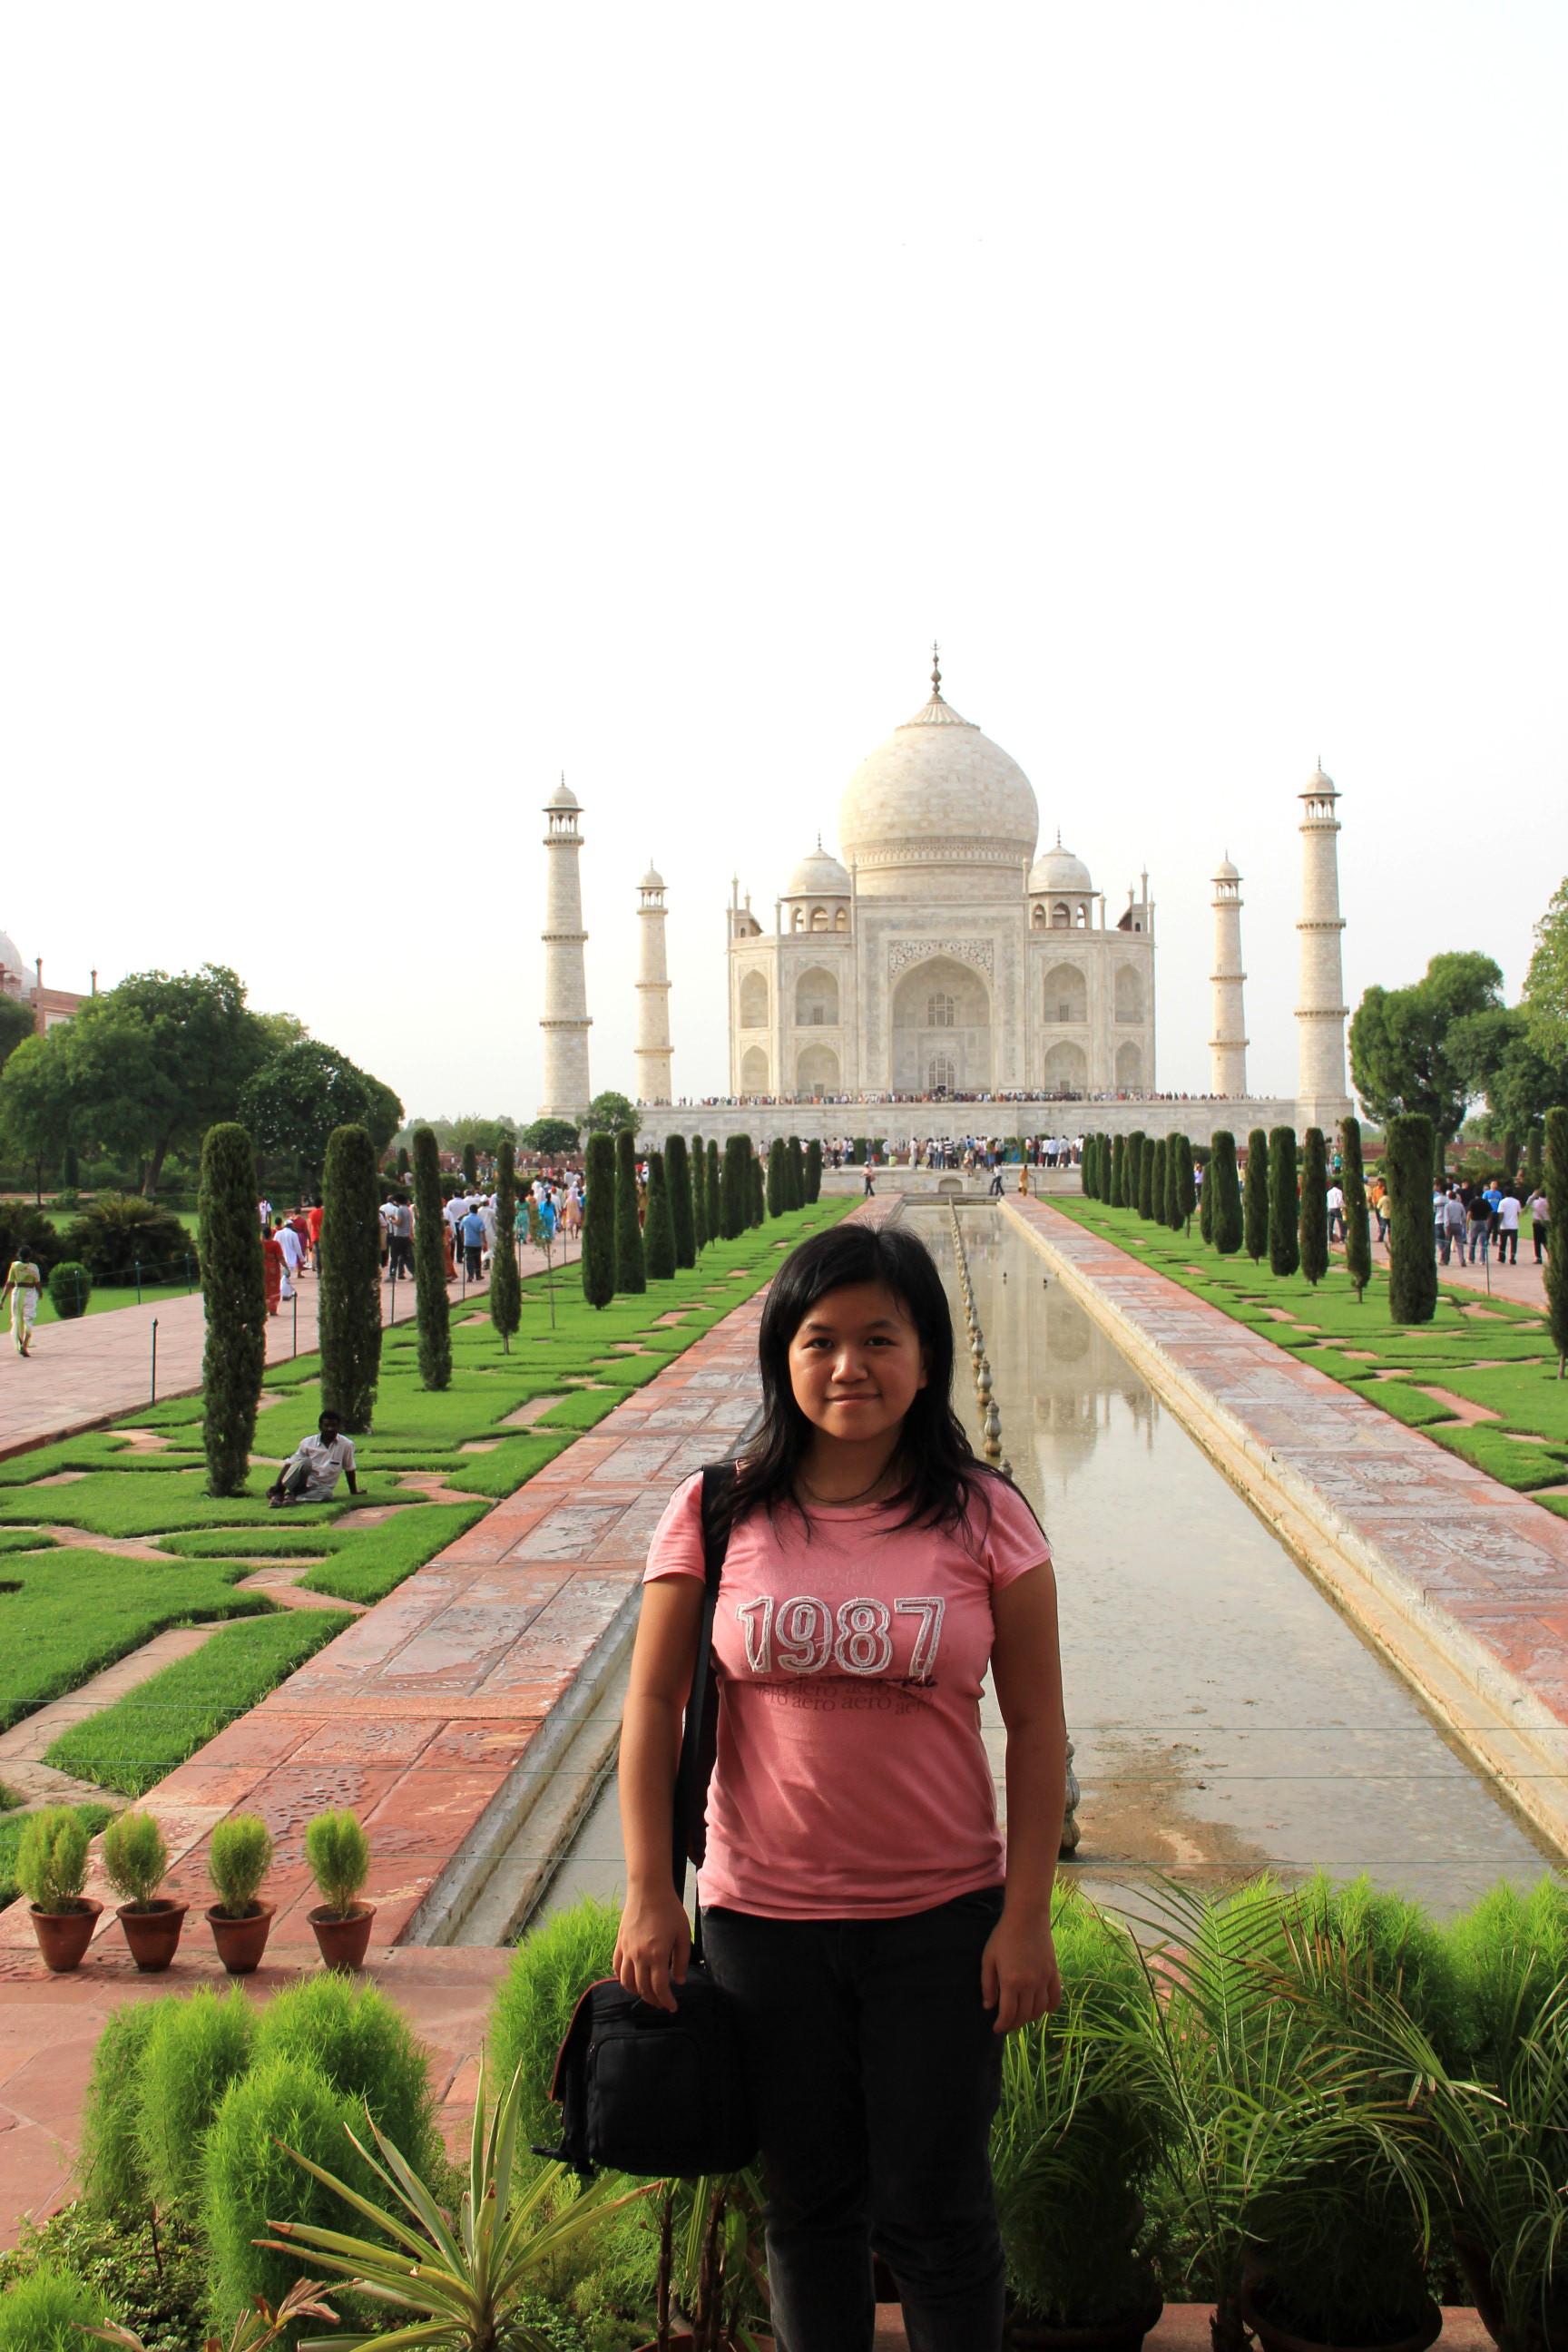 Me at Taj Mahal, Agra, India